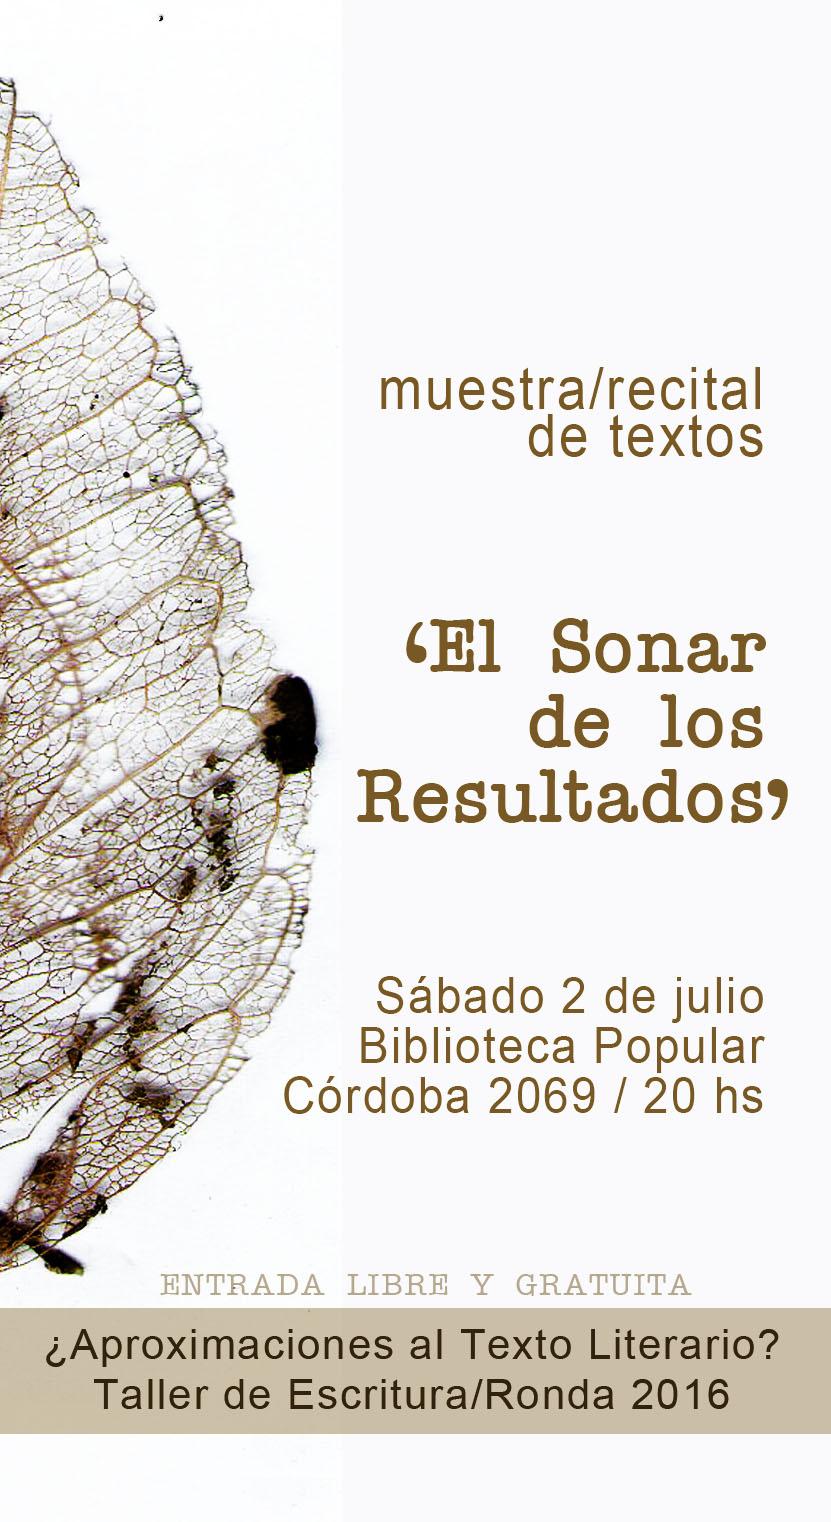 Muestra/Recital de Textos